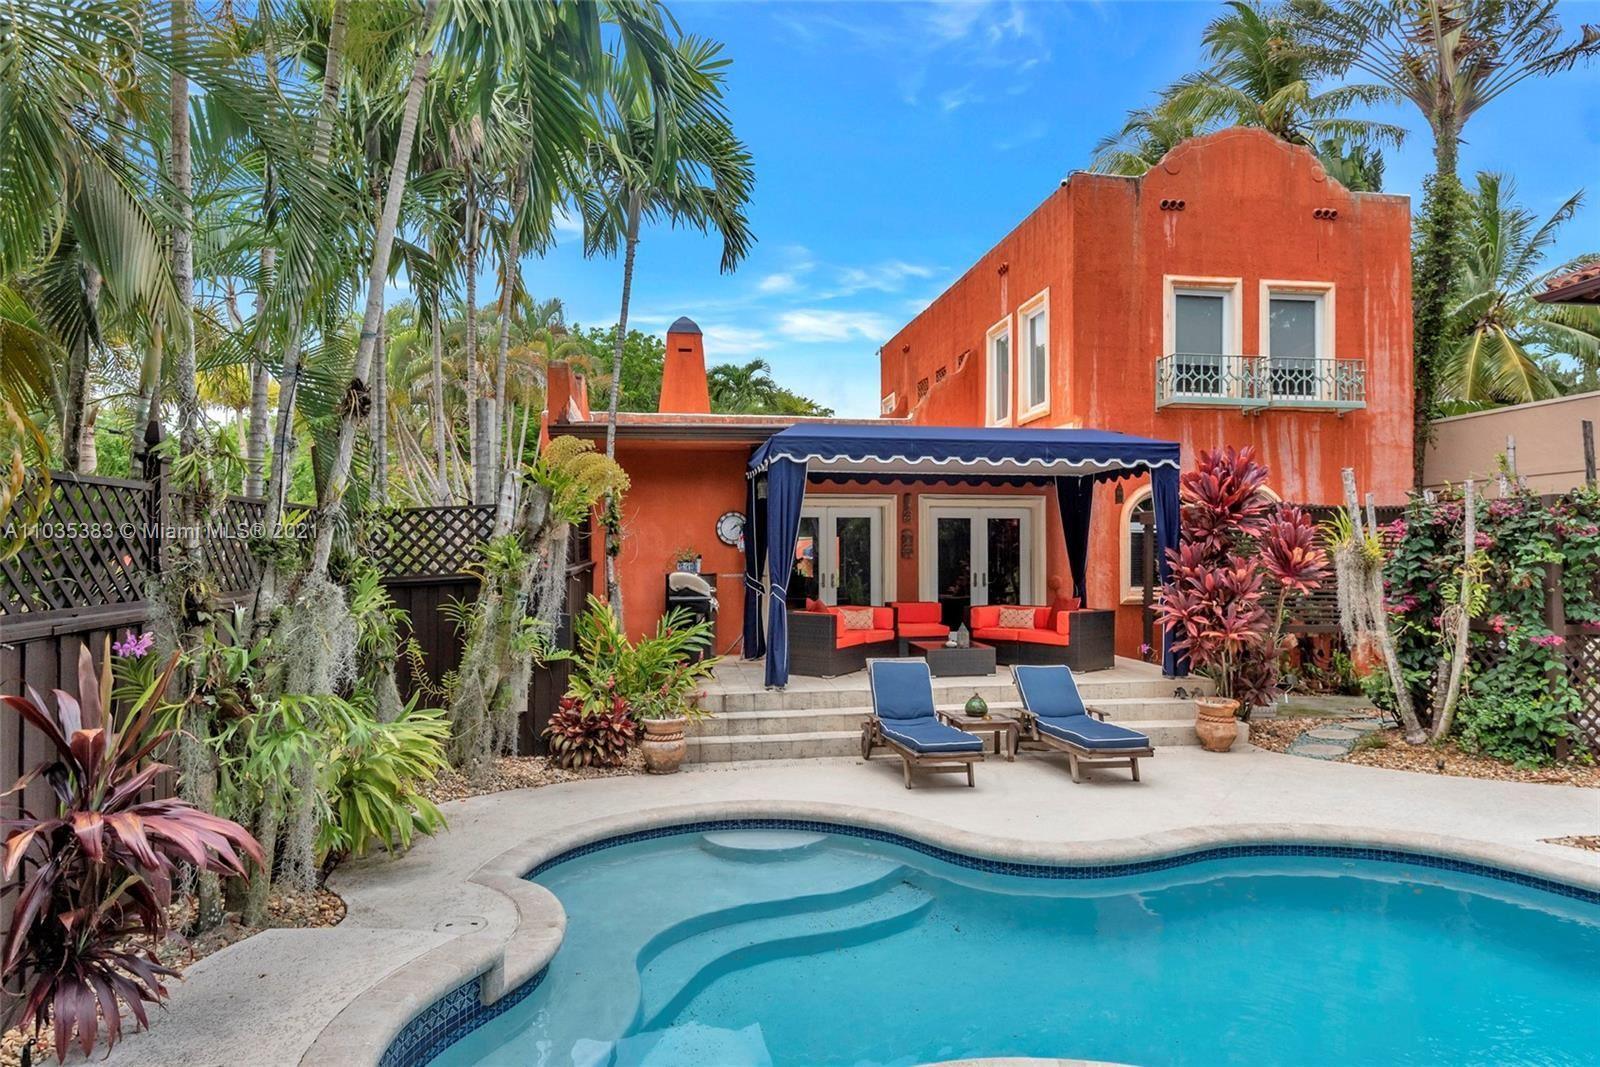 3045 Washington St, Miami, FL 33133 - #: A11035383